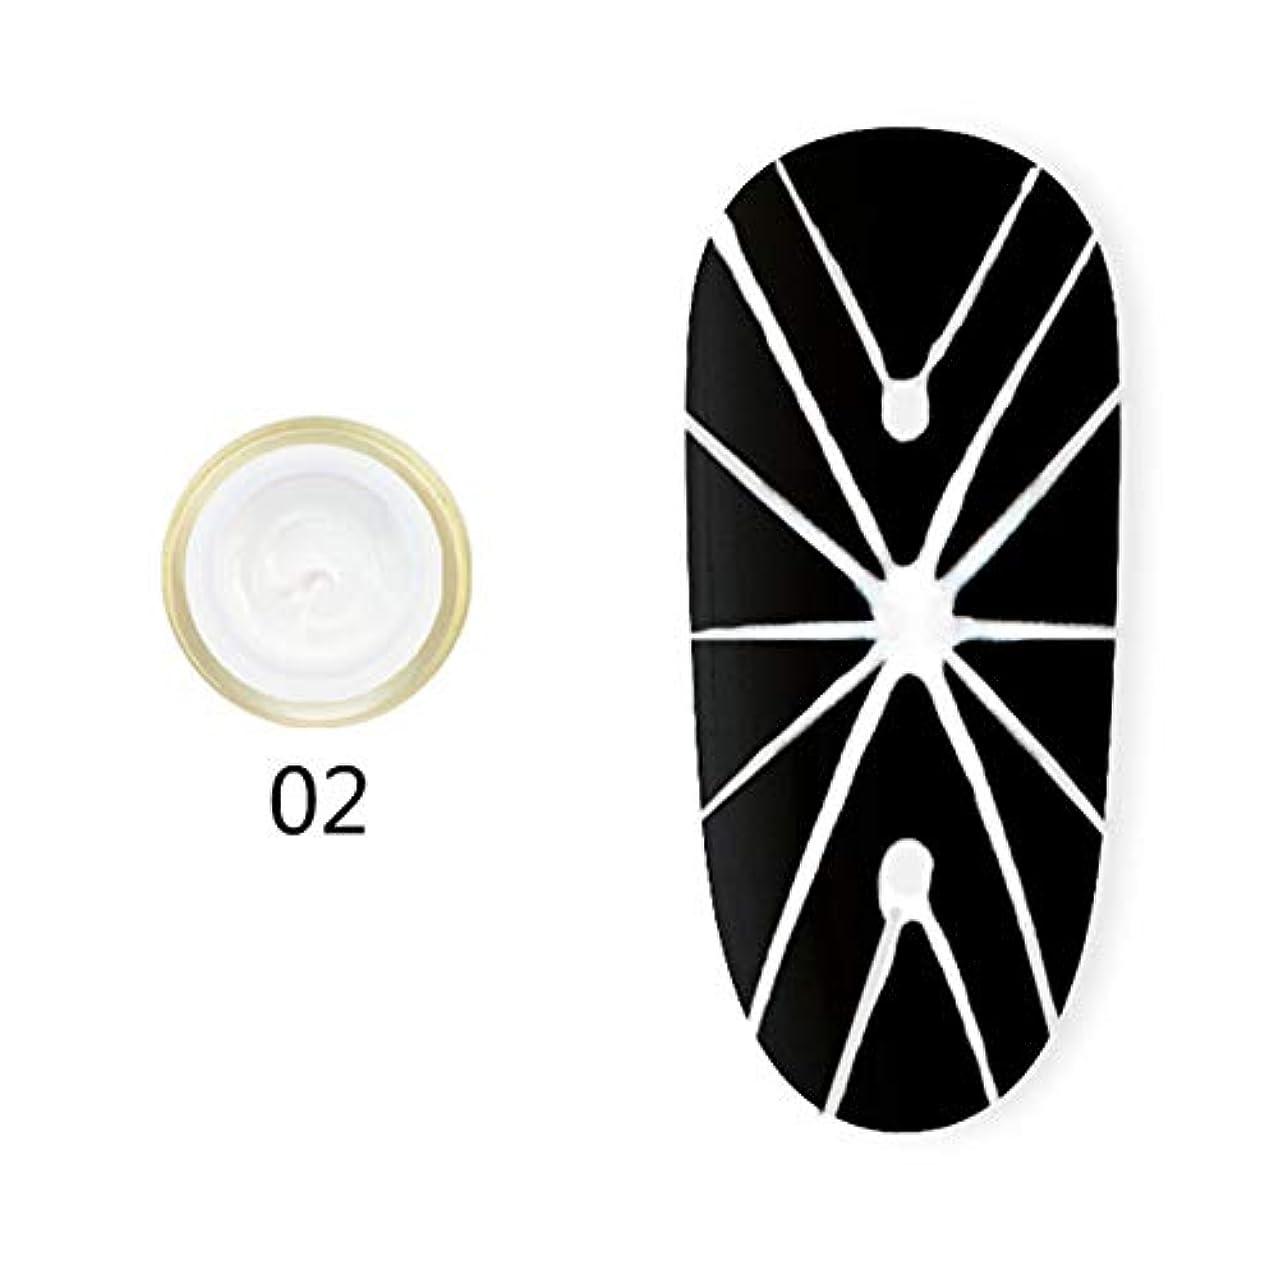 アシュリータファーマン盲目支援するhamulekfae-弾性クモ画線ワイヤーペインティングジェルDIY UVネイルジェルポリッシュラッカー White